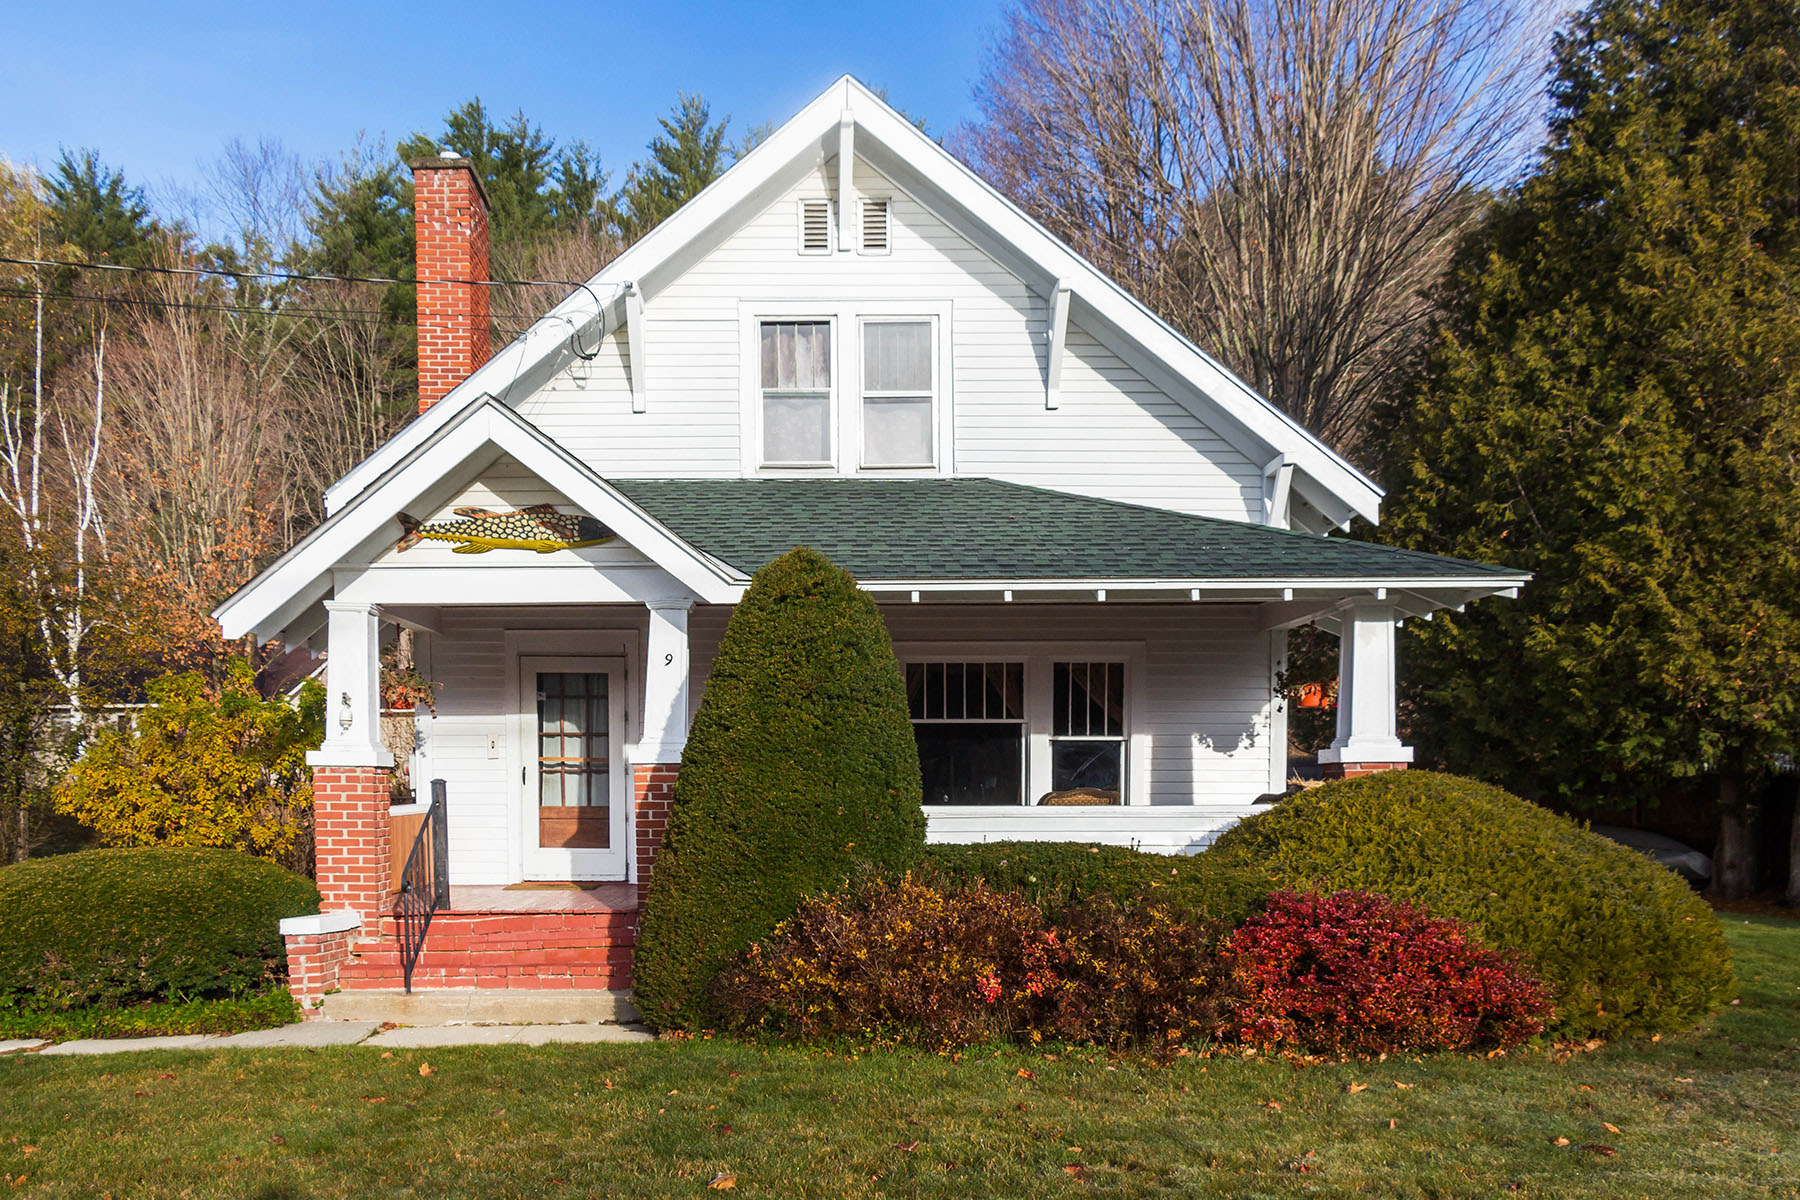 Casa Unifamiliar por un Venta en Charming Adirondack Bungalow 9 Market St Horicon, Nueva York 12815 Estados Unidos